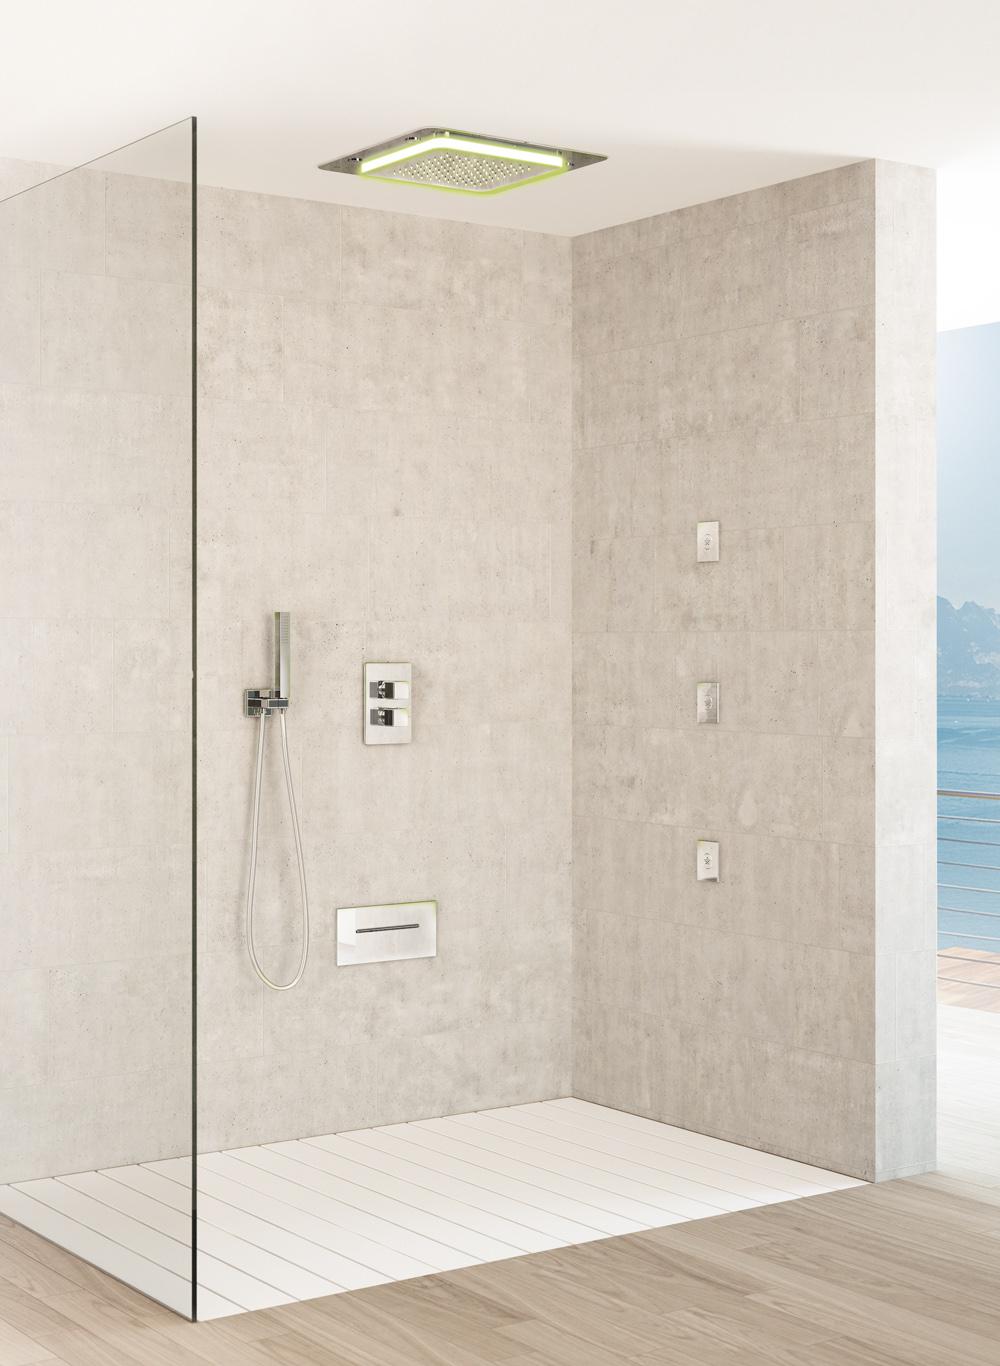 Soffione doccia multifunzione Playone incasso a soffitto, soffioni doccia laterali body jet